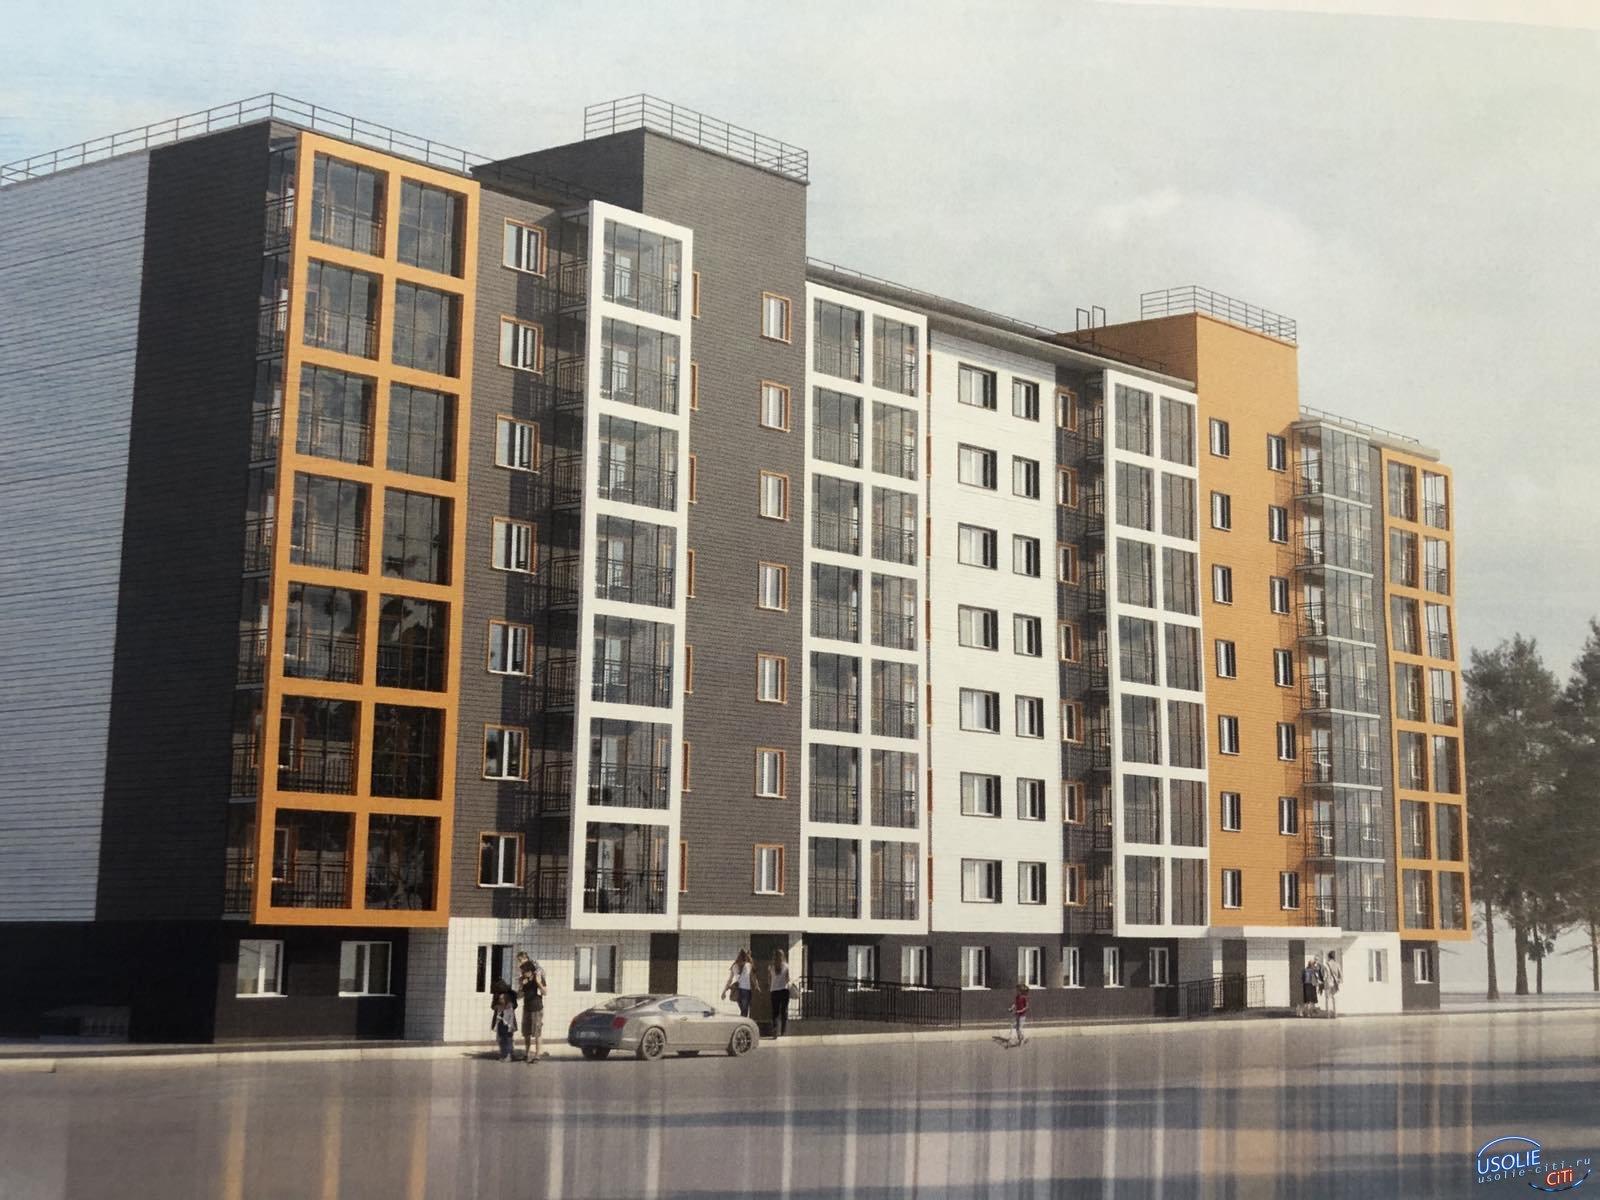 Жителей Усолья переселят в новые квартиры